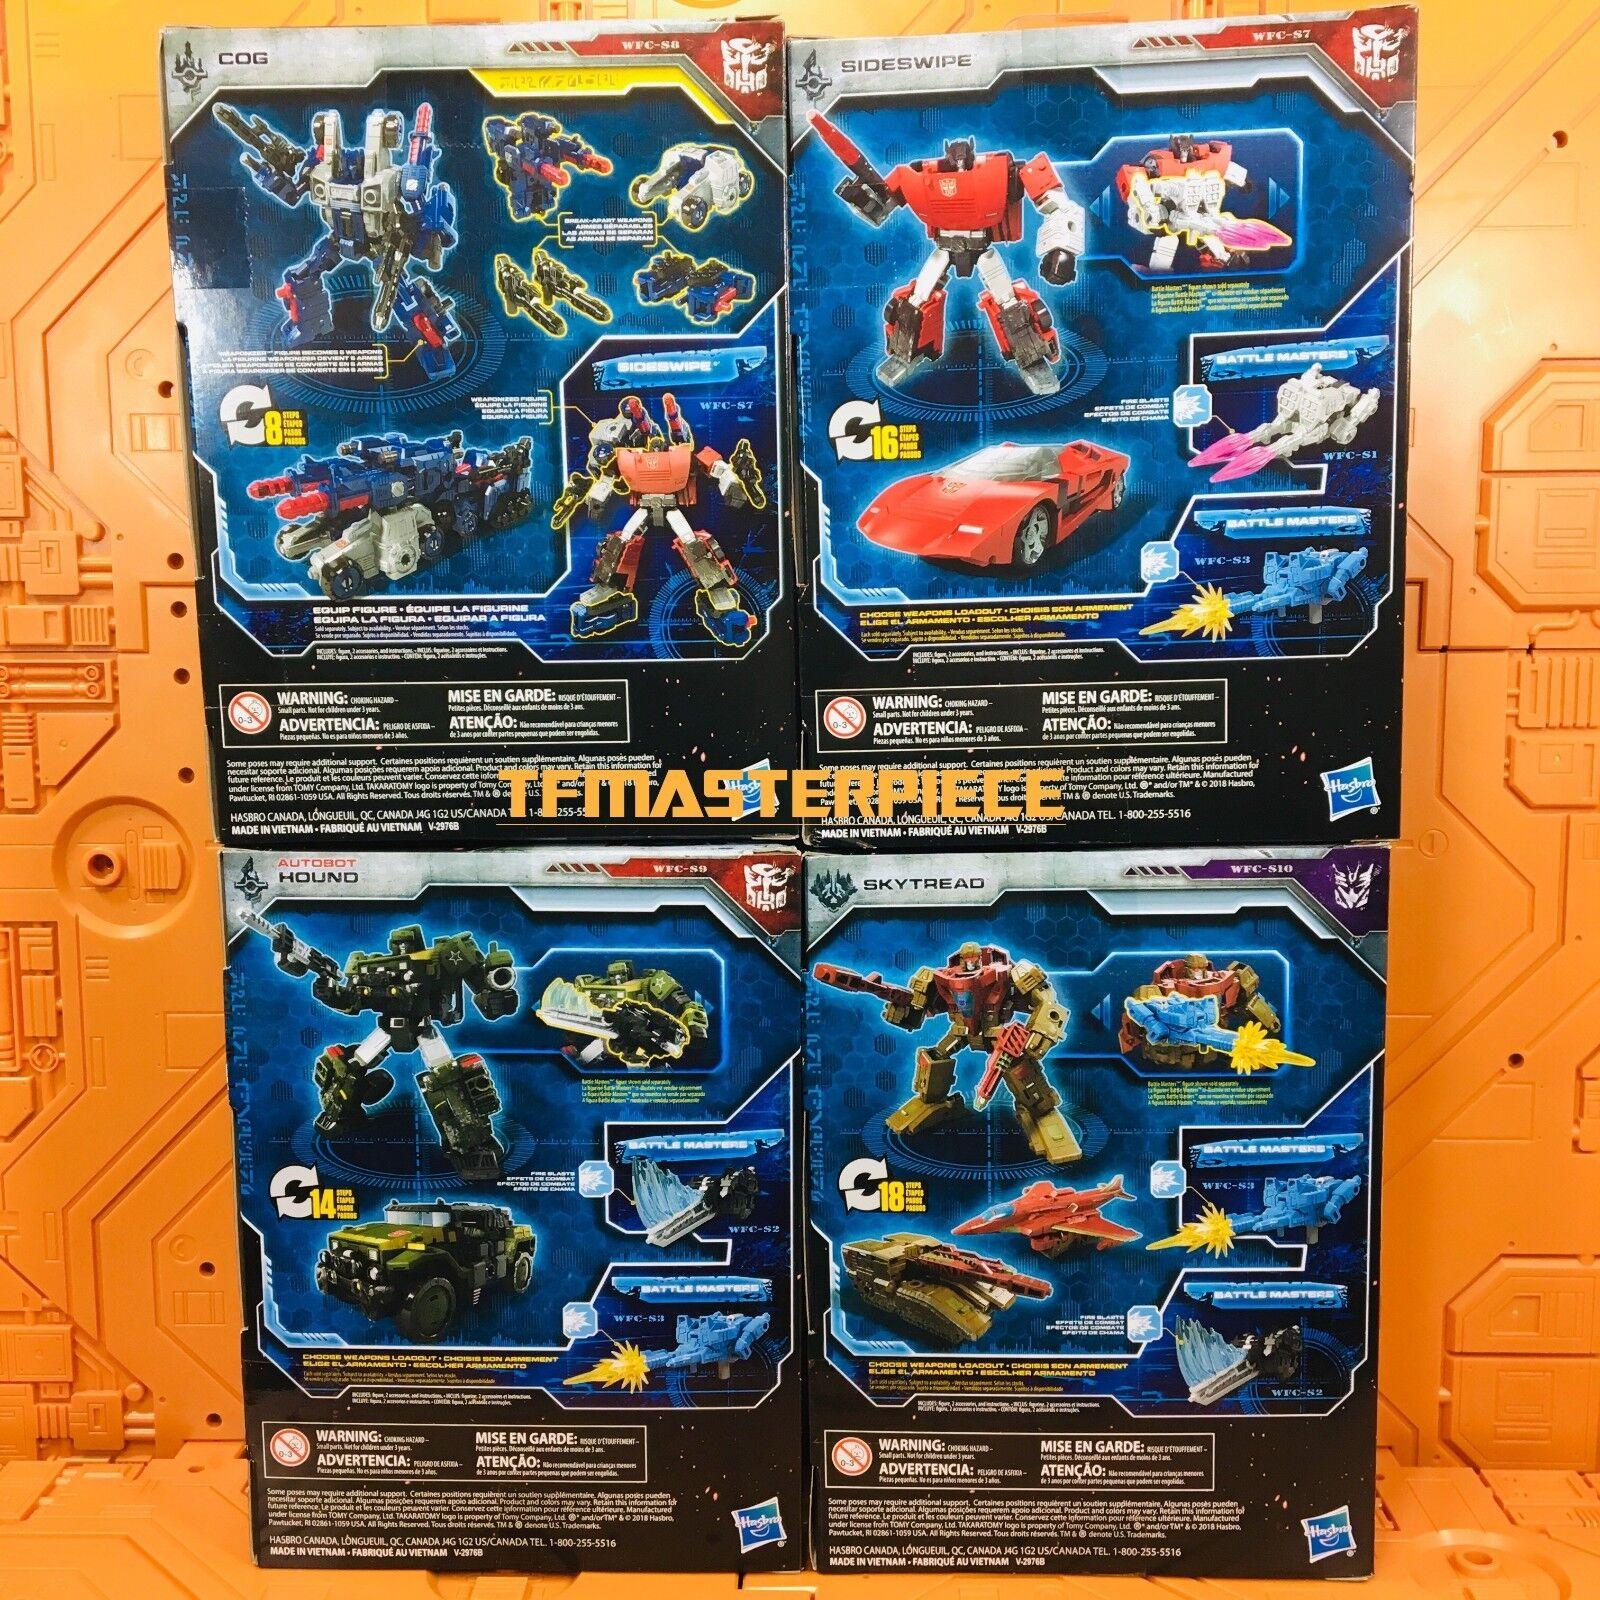 Transformers asedio guerra por Cybertron De lujo Clase COG Hound Sideswipe skytread